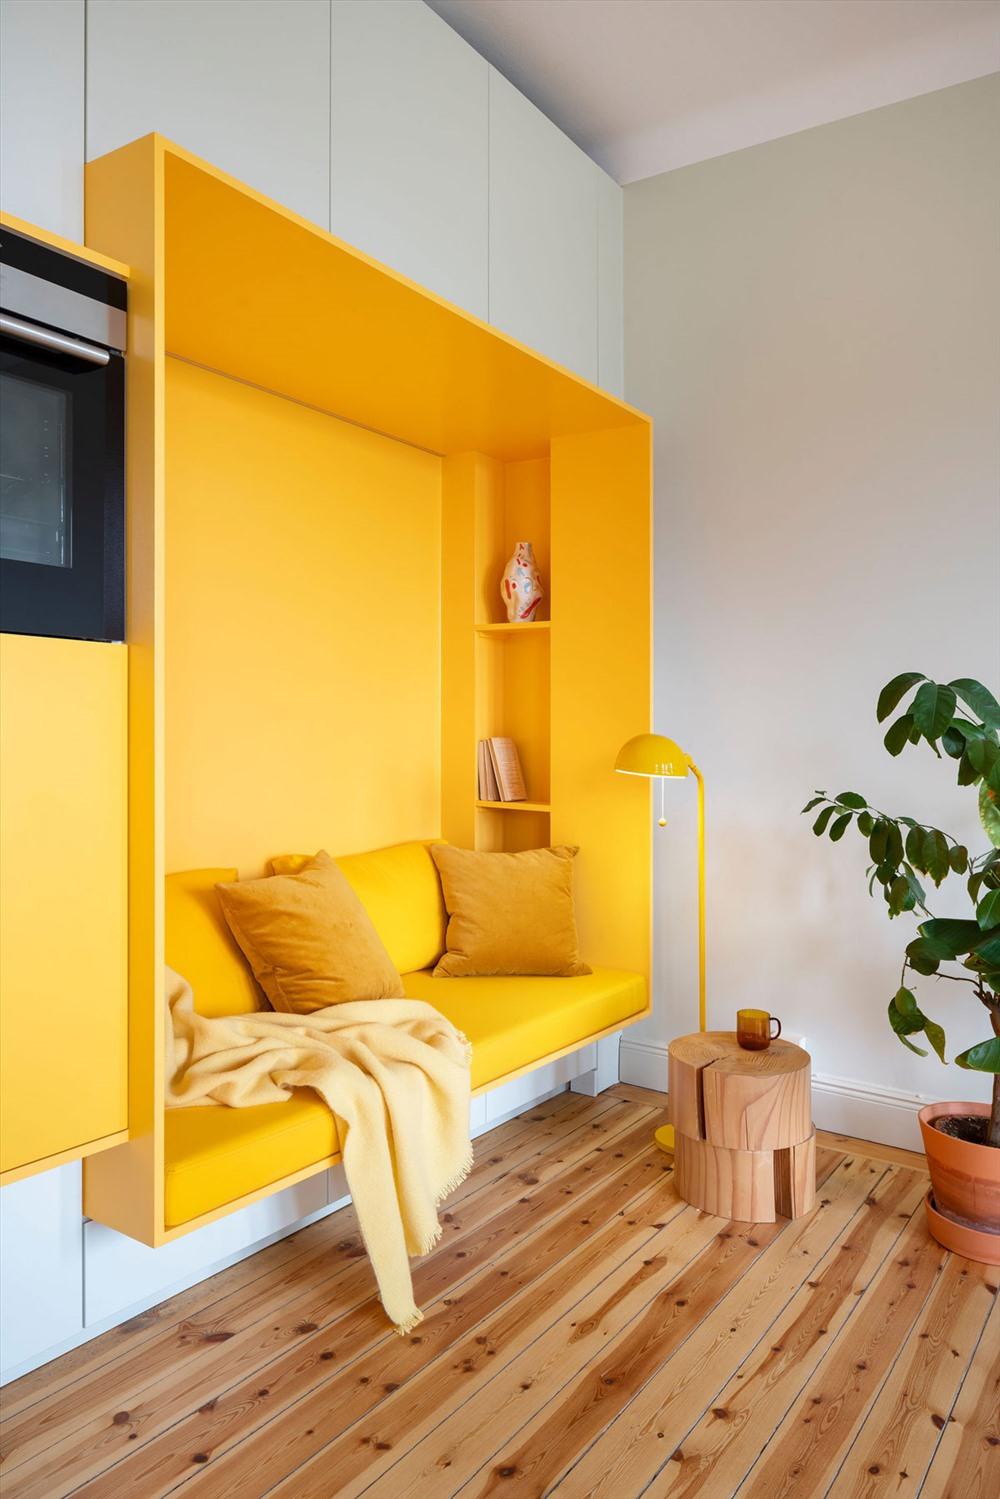 Kệ lõm đặt tài liệu và bình trang trí, chiếc bàn nhỏ bằng gỗ đặt đồ uống, và chiếc đèn sàn màu vàng cung cấp ánh sáng cho khu vực đọc sách. Tất cả mọi thứ bên trong khu vực này đều có màu vàng hoàn toàn.